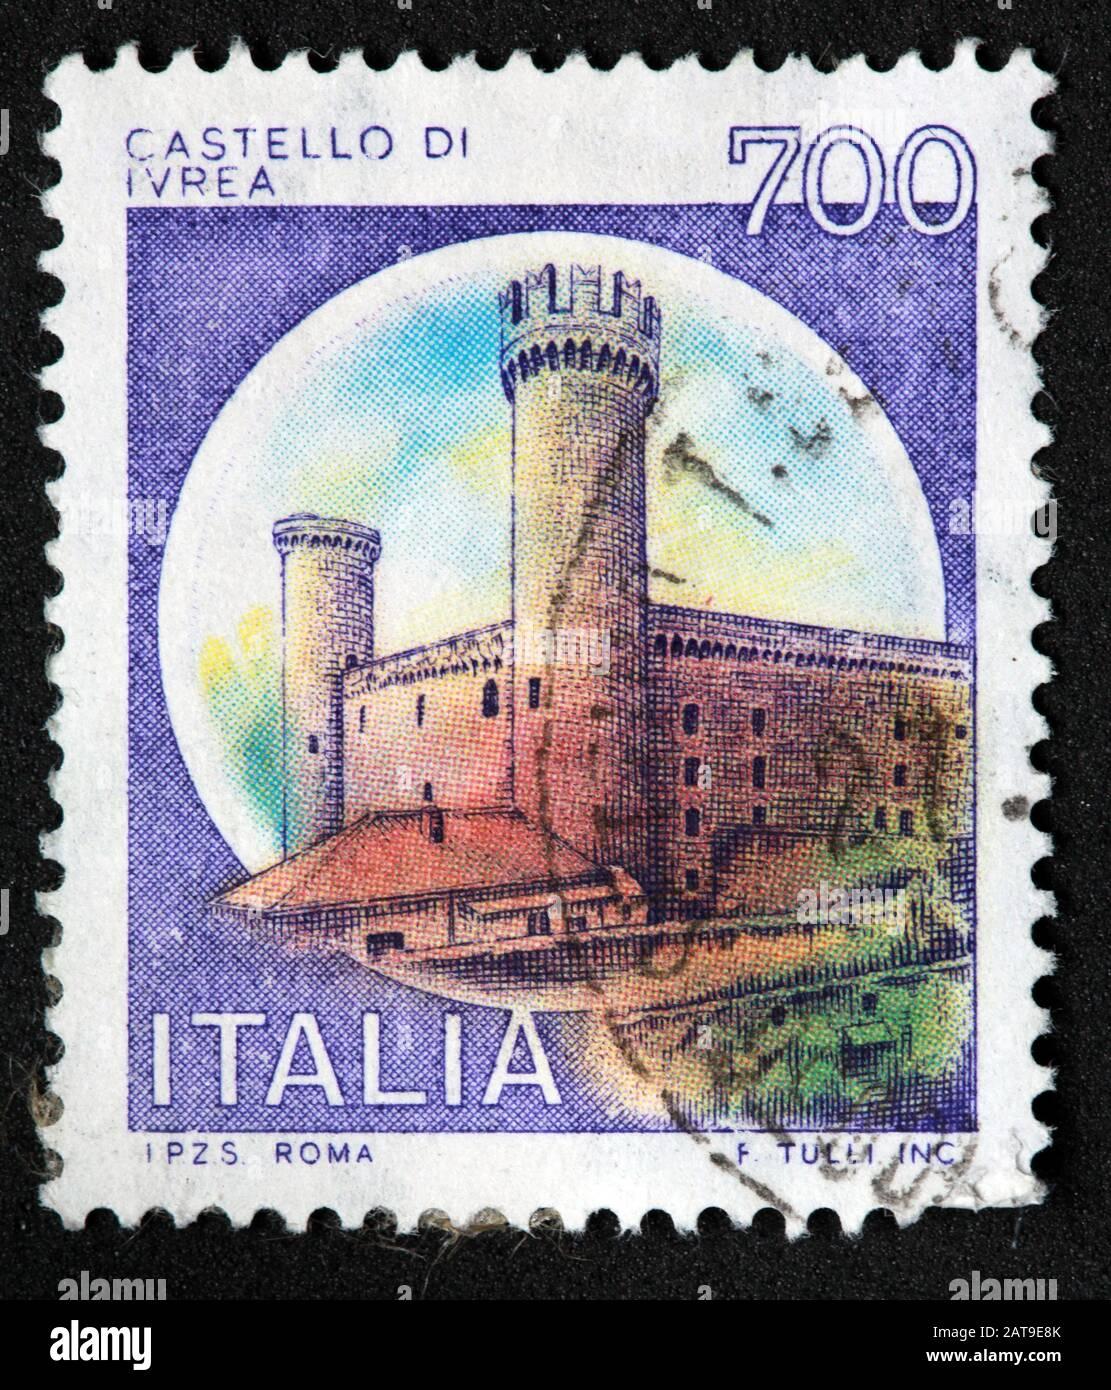 Dieses Stockfoto: Italienische Briefmarke, poste Italia verwendete und bestochte Stempel, Schlösser Italiens, Italia 700lire Castello Di Ivrea - 2AT9E8